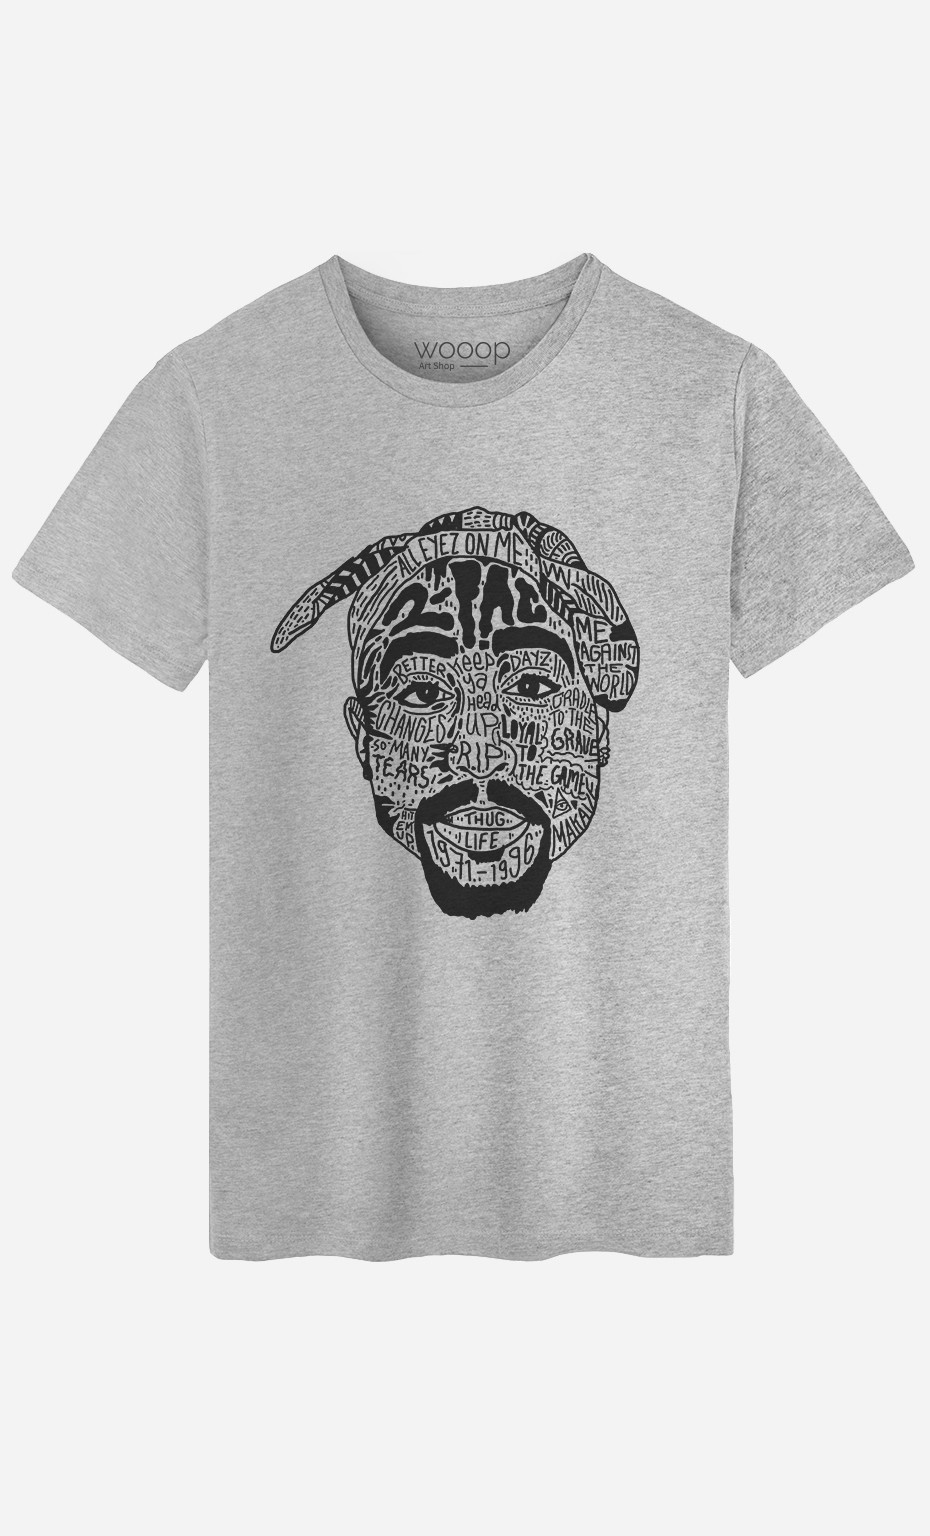 T-Shirt Tupac Shakur